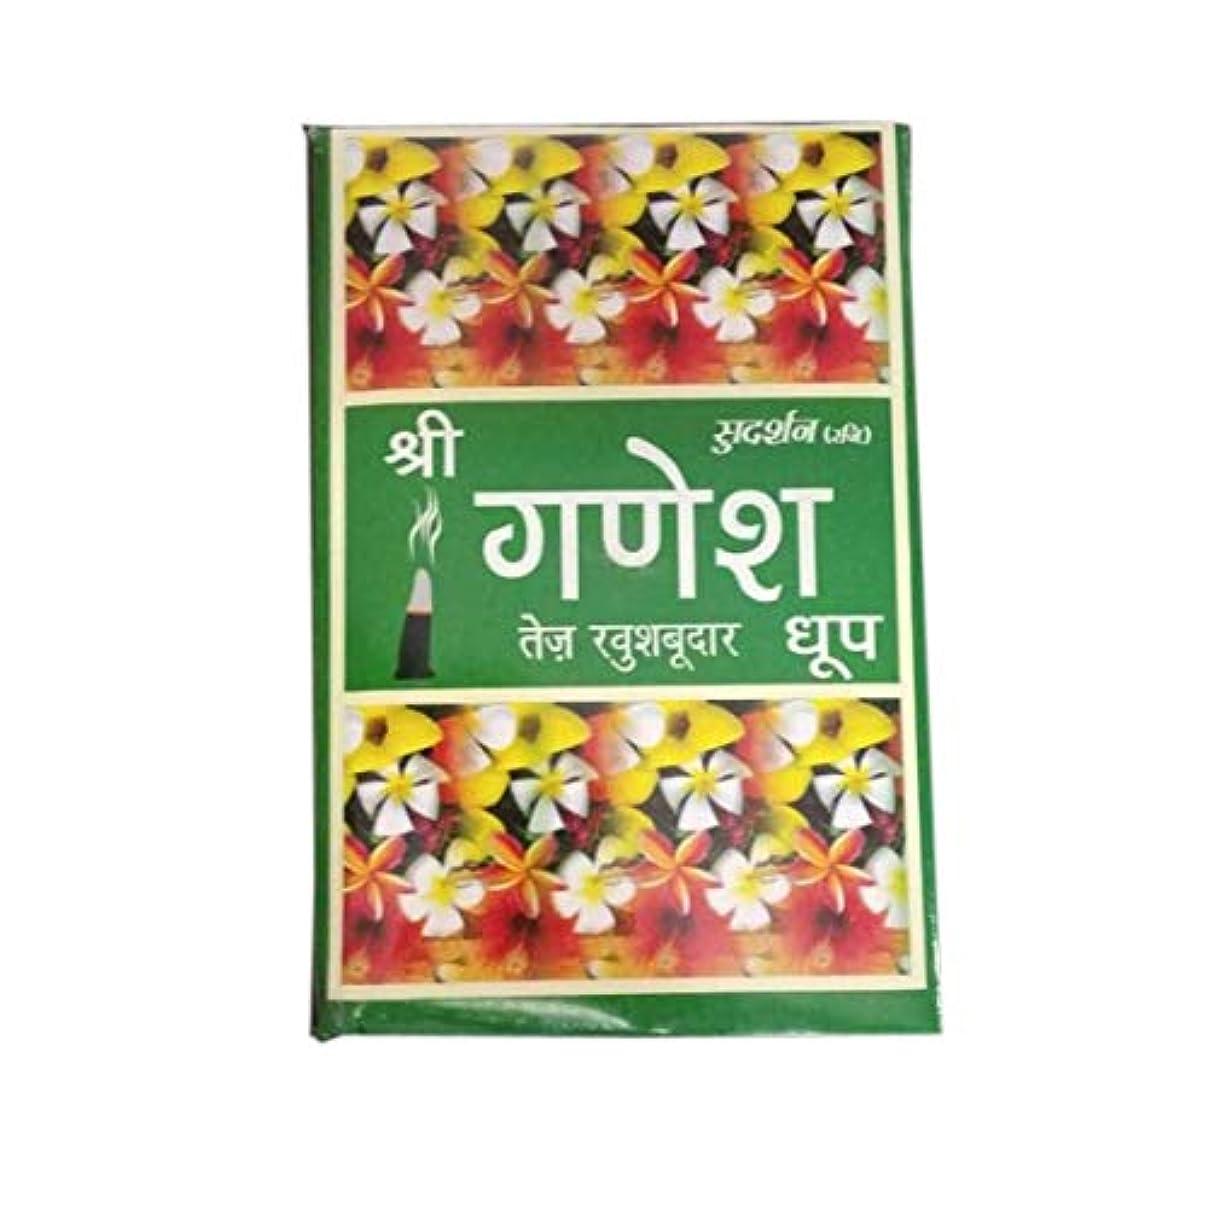 仲間ヒョウギャラリーTotal Home :Sudarshan Shri Ganesh Highly Perfumed dhoop Fragrance for Positivity & Freshness Fragrance Dhoop Batti...